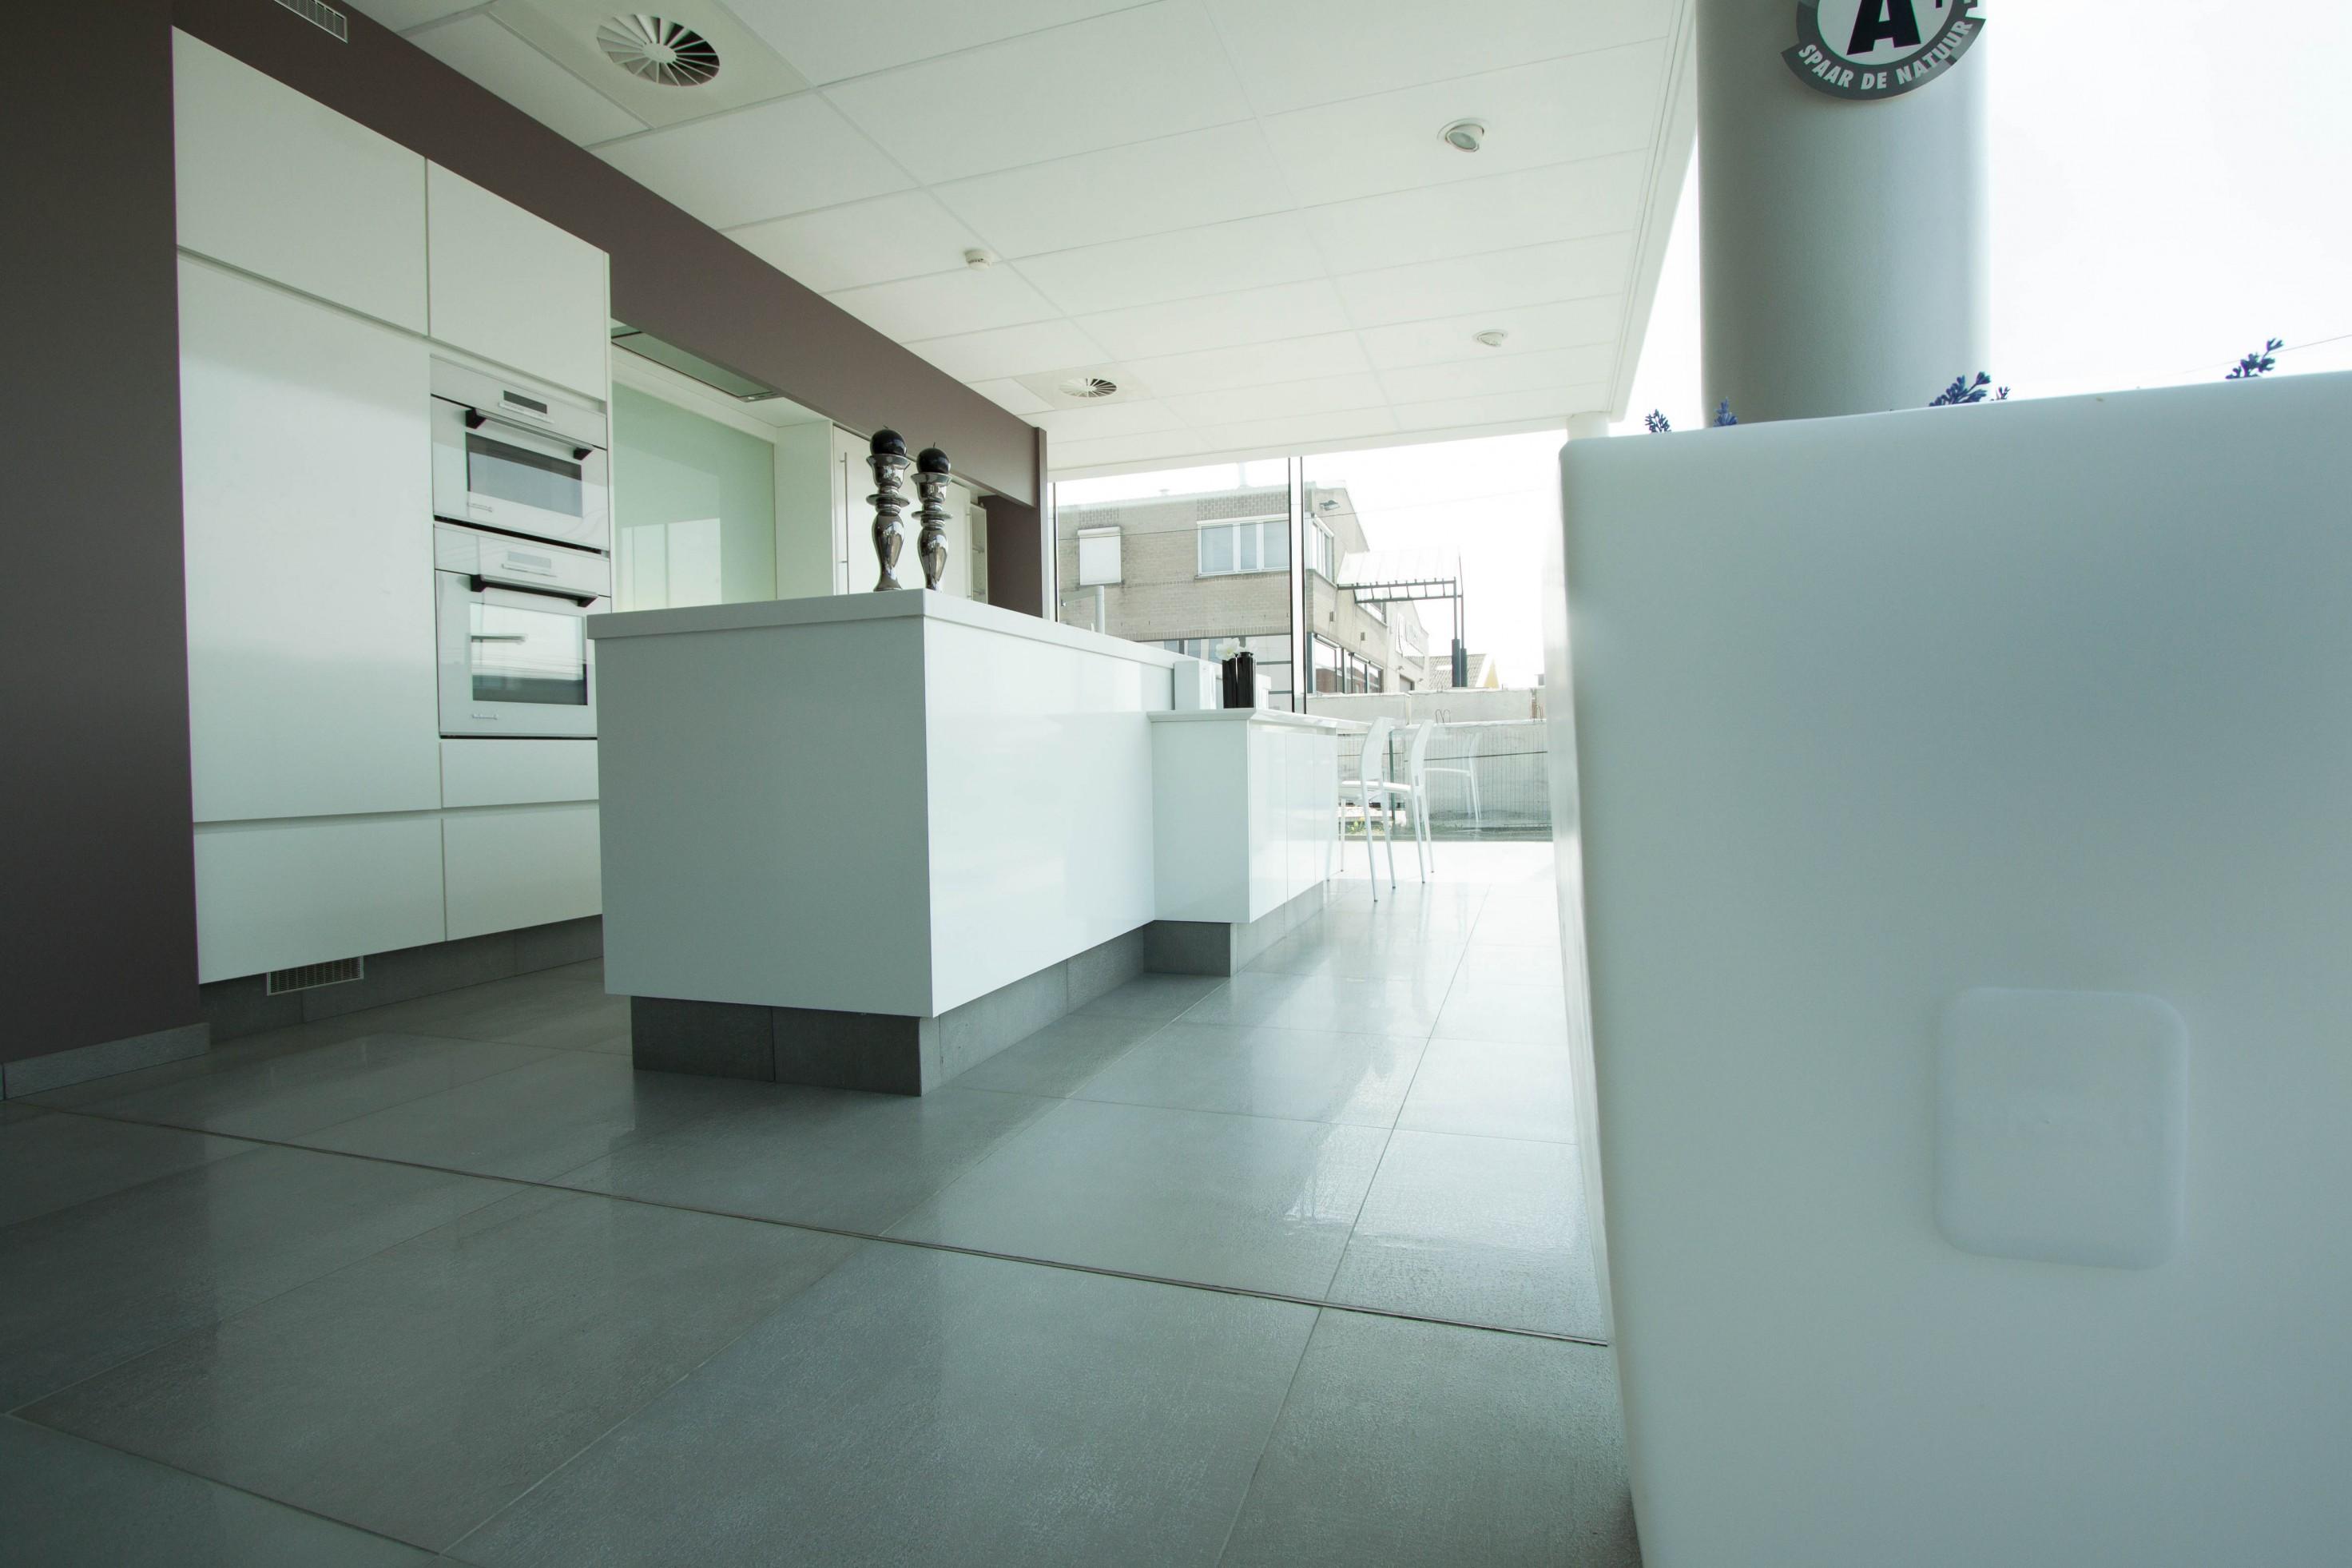 Keukens Vervan_Ledegem_toonzaal_burelen_atelier (34).jpg